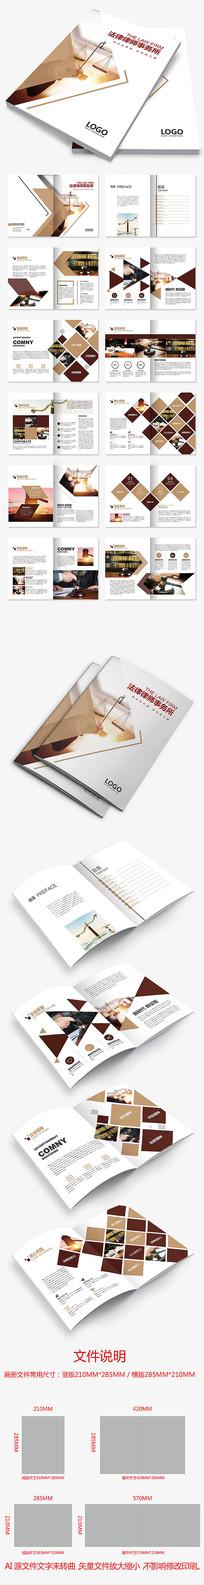 律师事务所画册设计法律法务画册模板